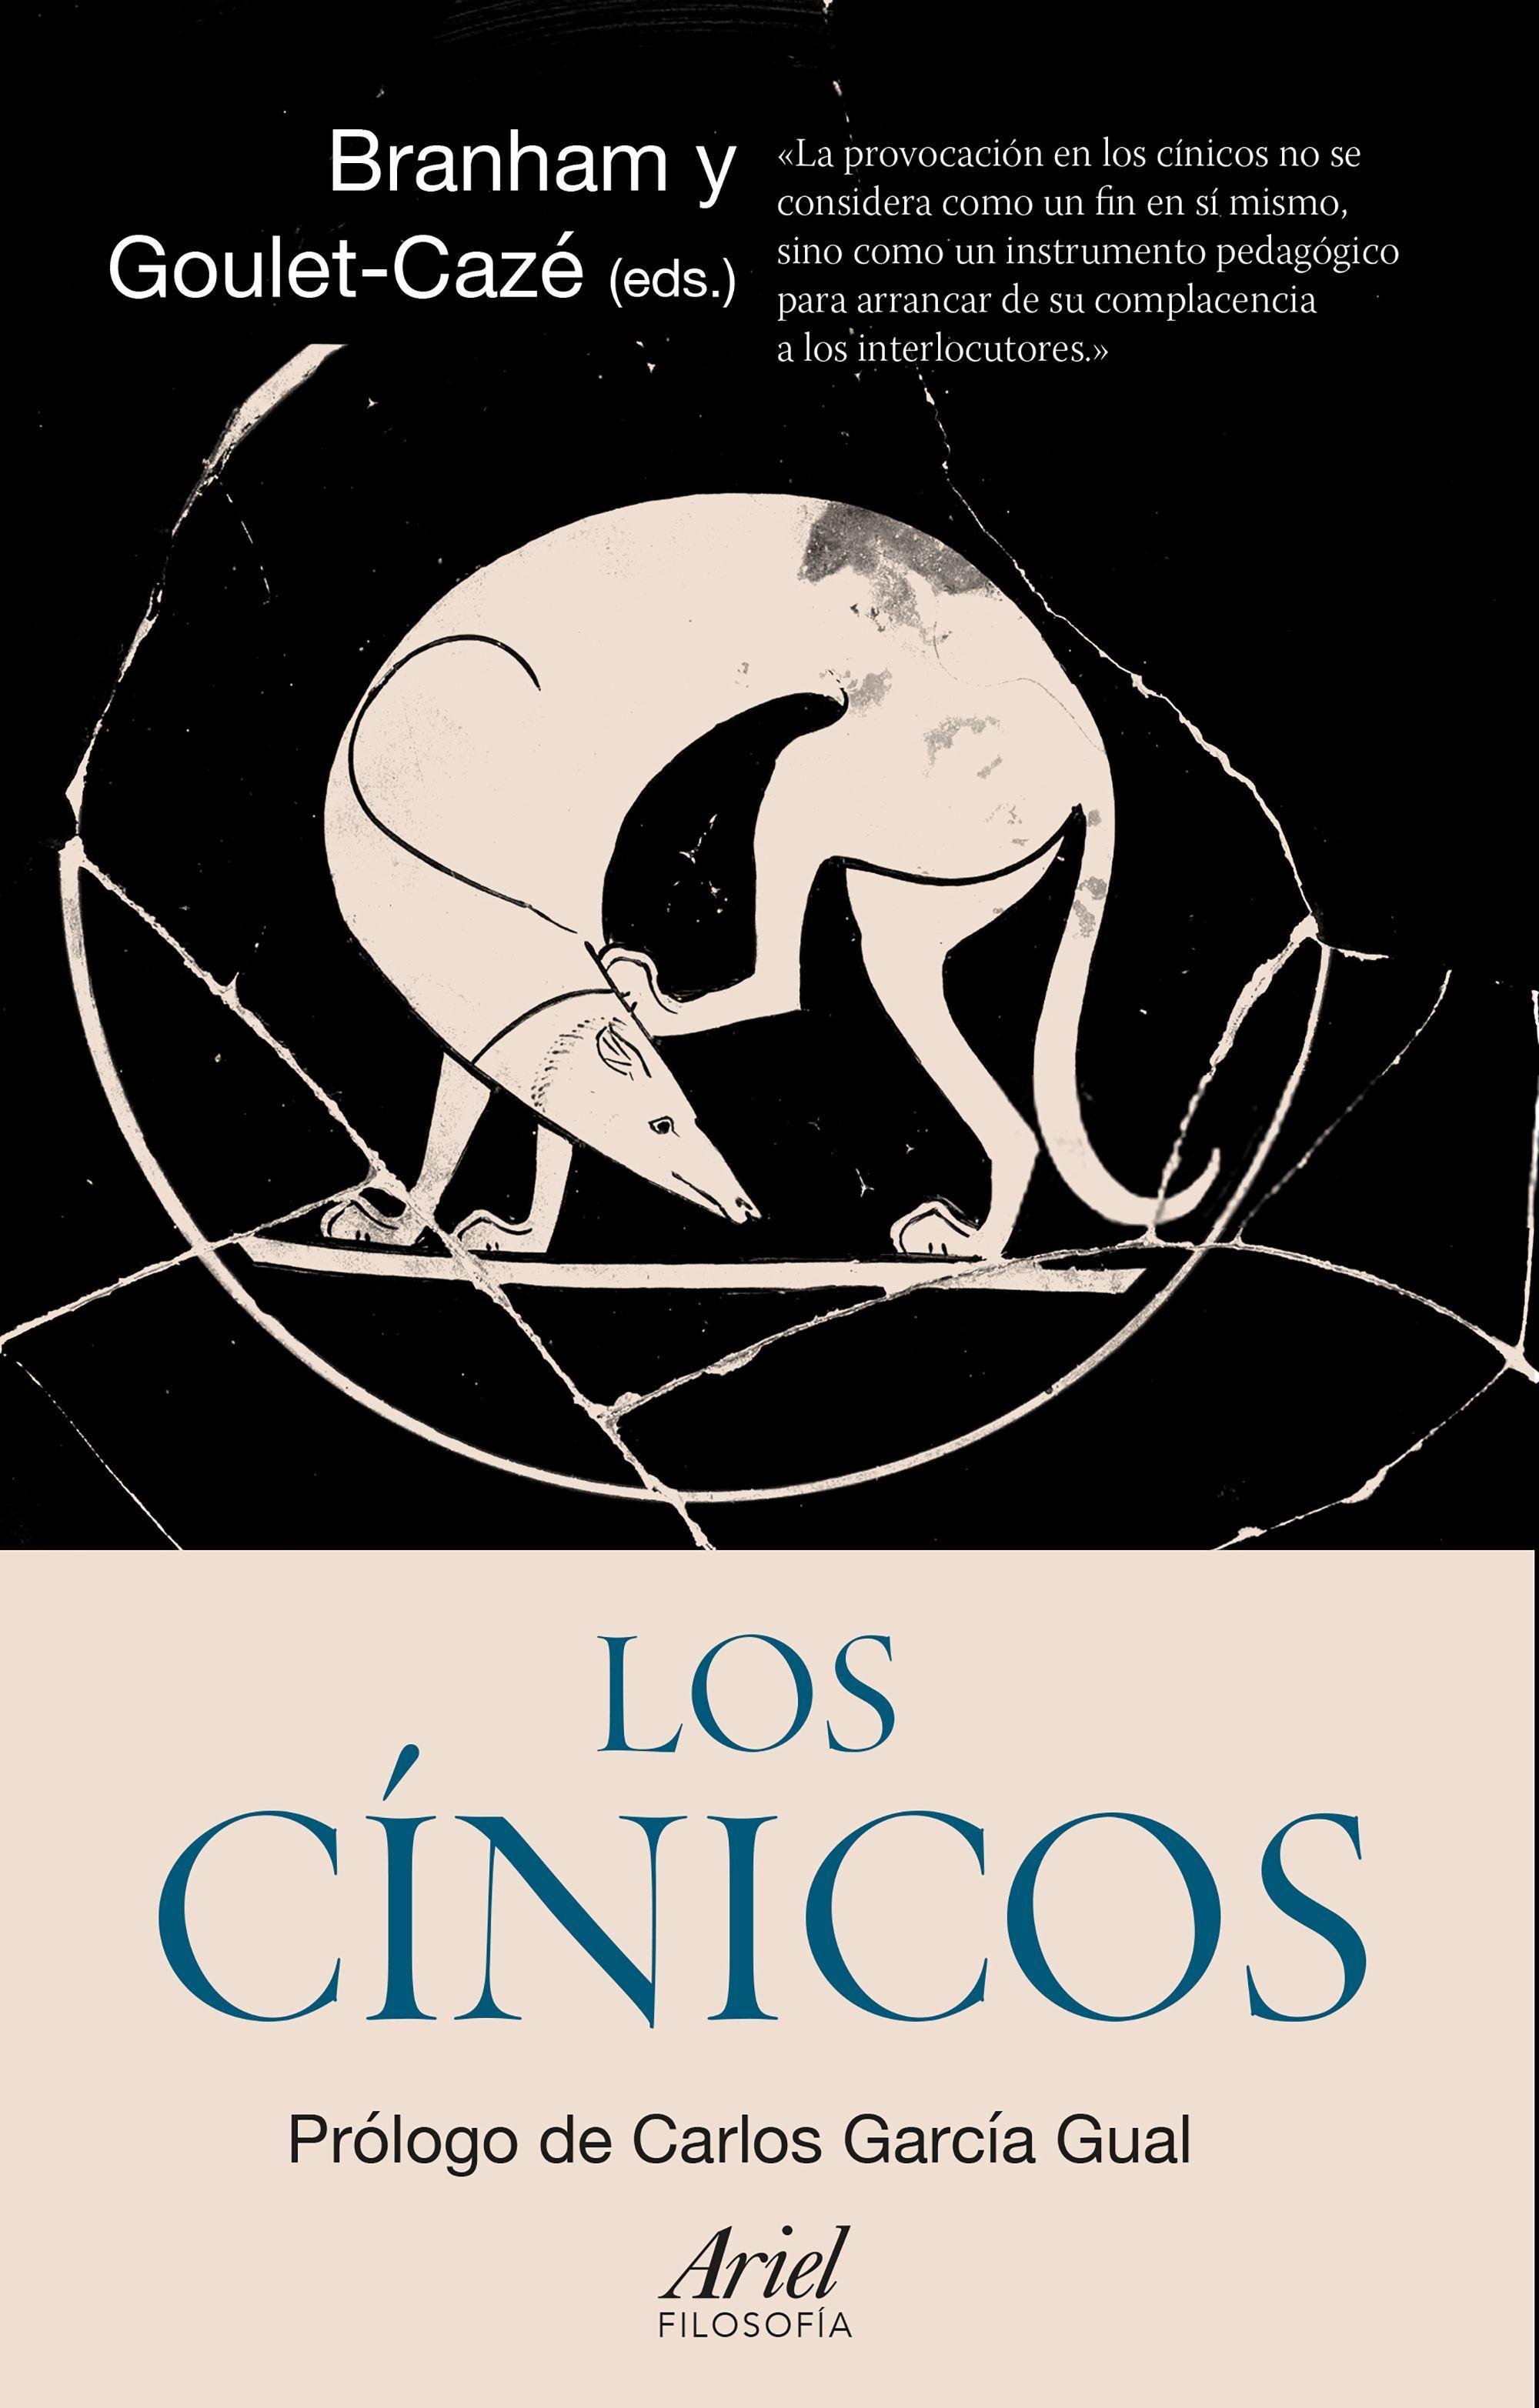 CINICOS LOS